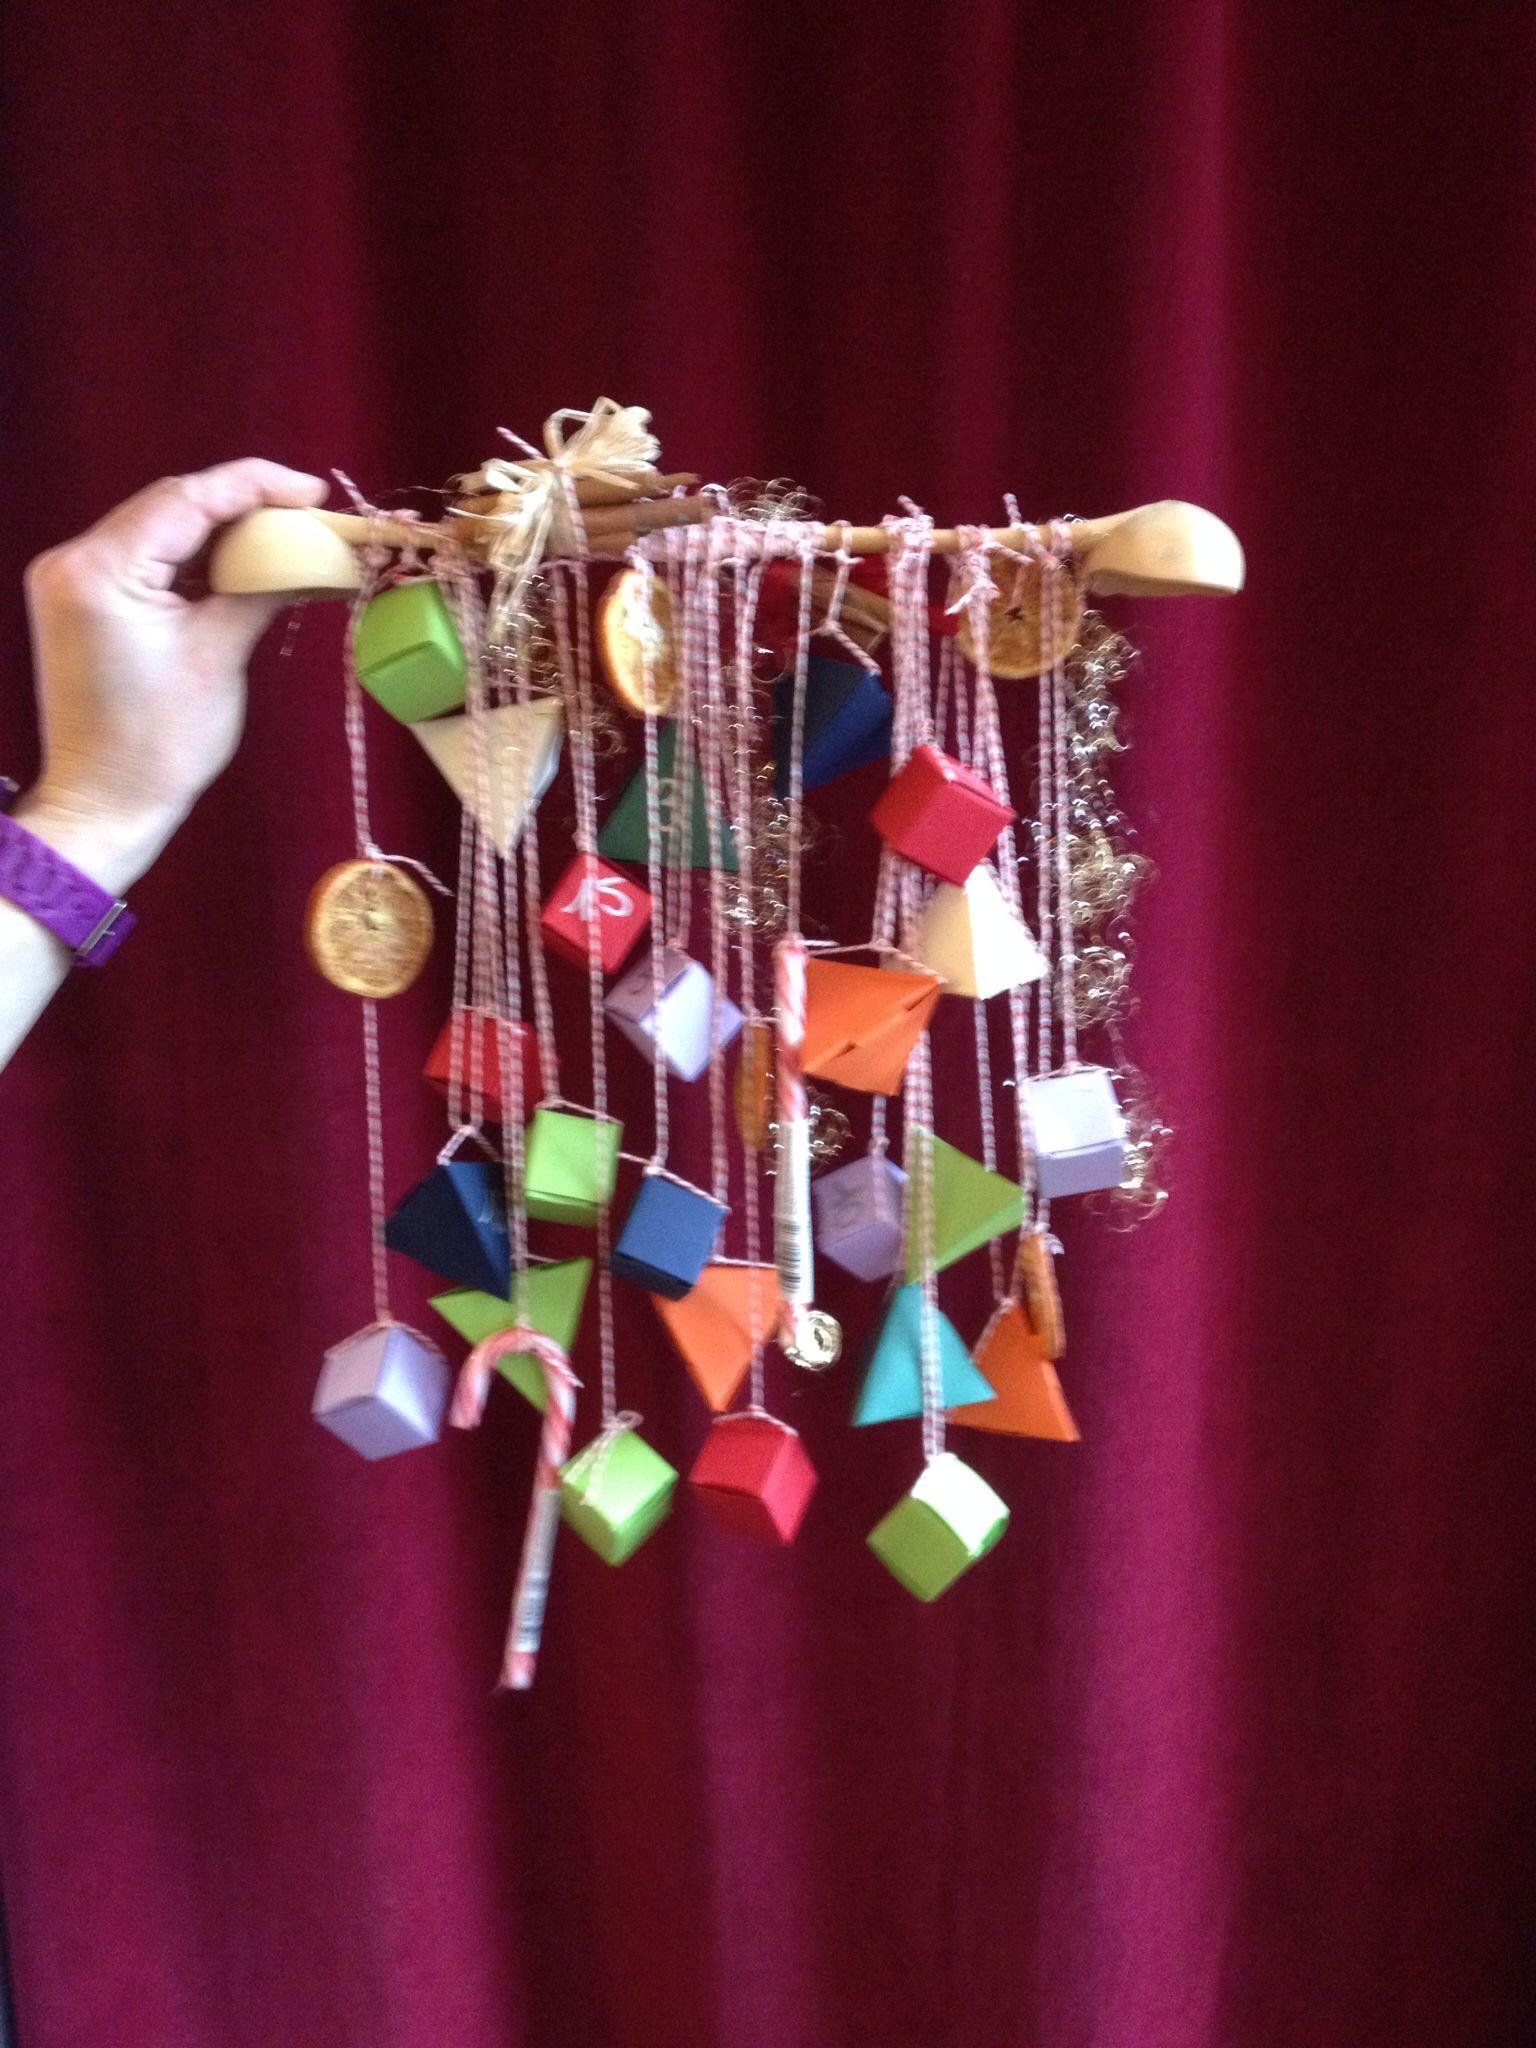 Gewürz Weihnachtskalender.Gewürz Adventskalender Dekoration Dekoration Adventskalender